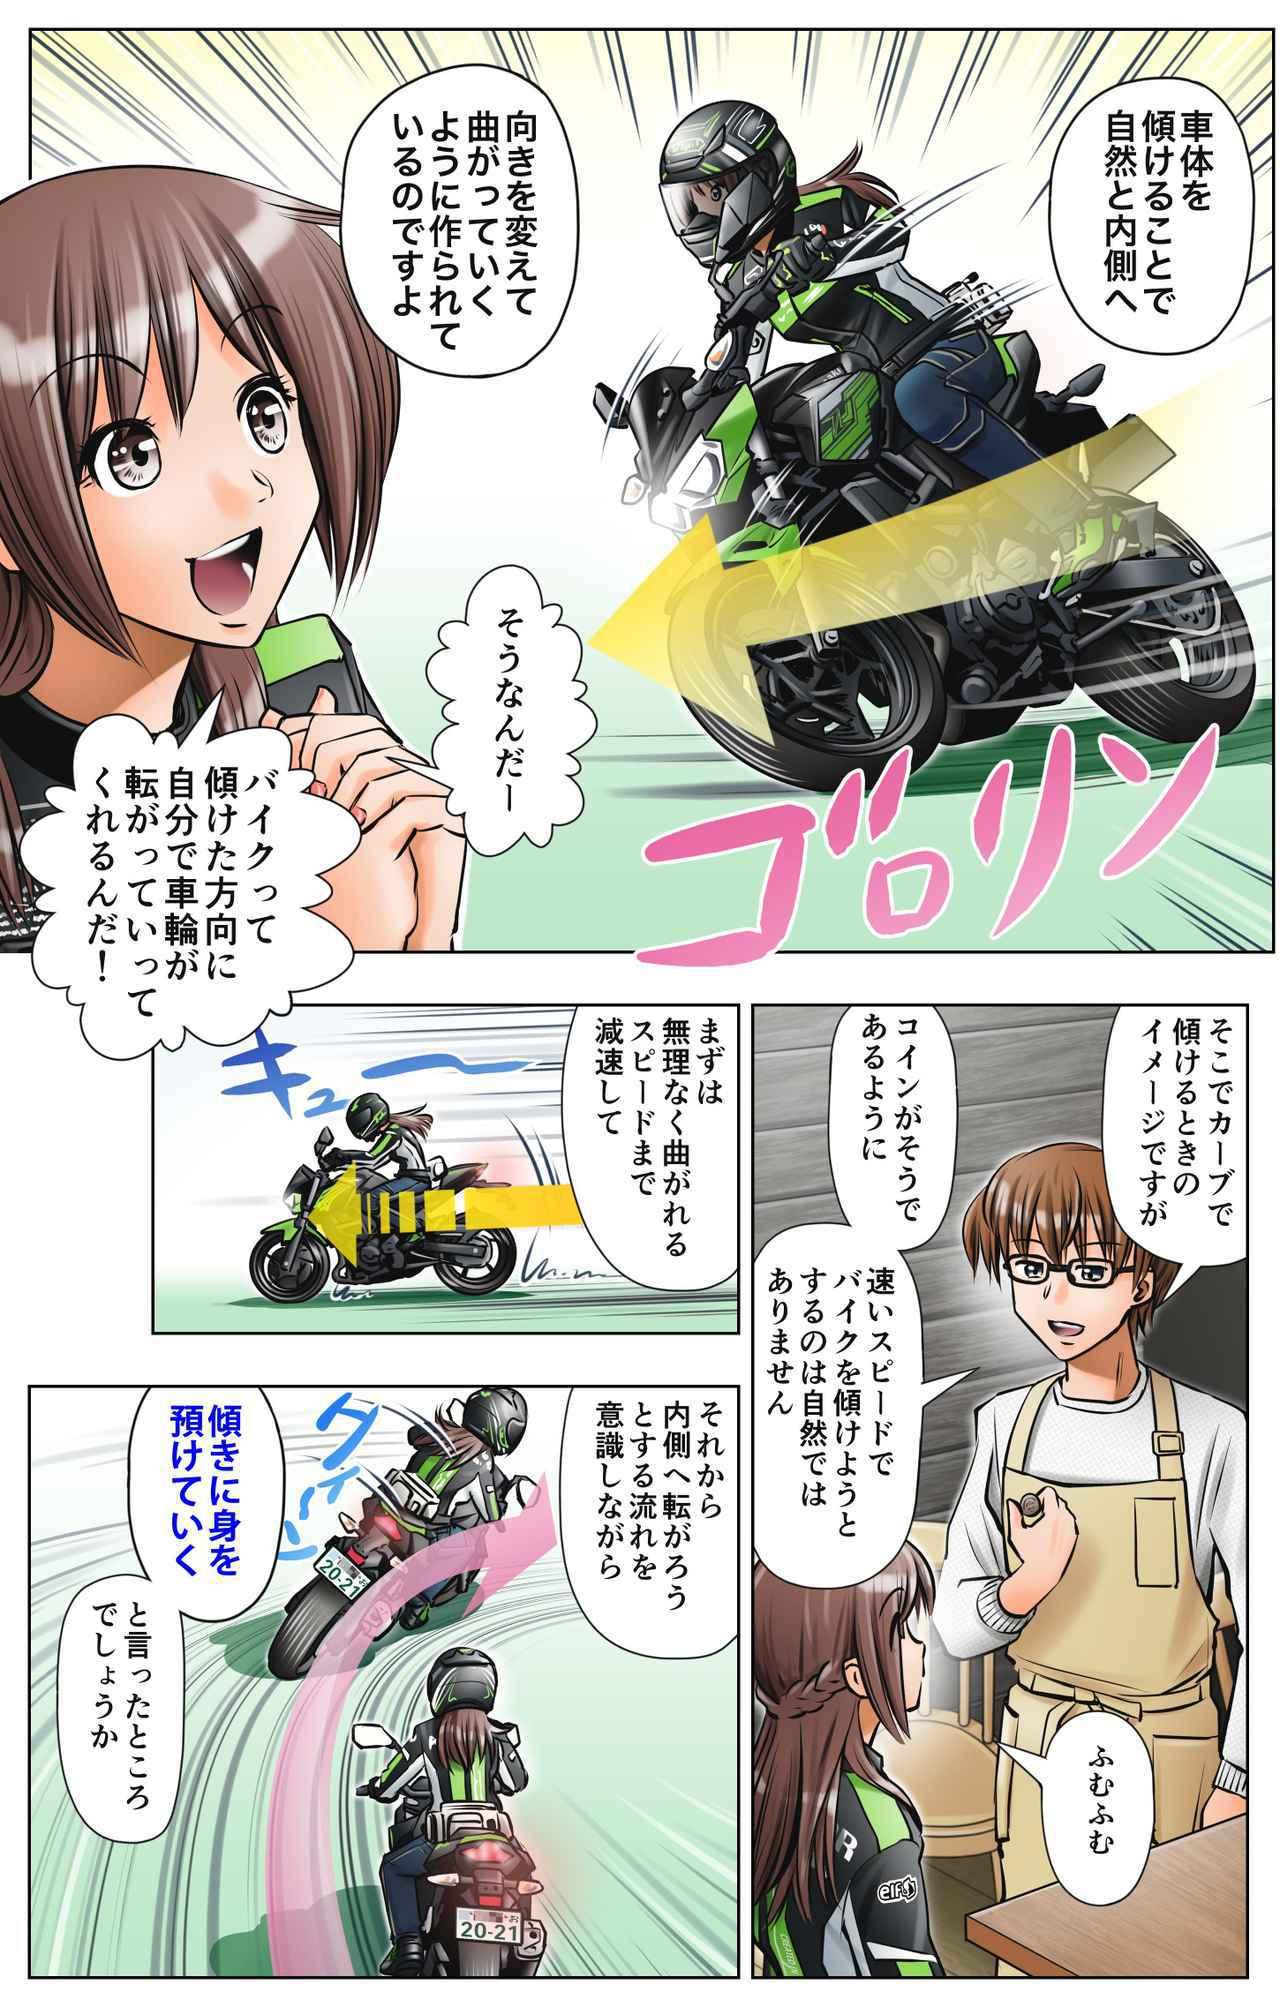 画像7: 第4話 バイクが傾いて曲がる理由/ゆる~くライテク談義『モトシーカーズ・カフェへようこそ!』